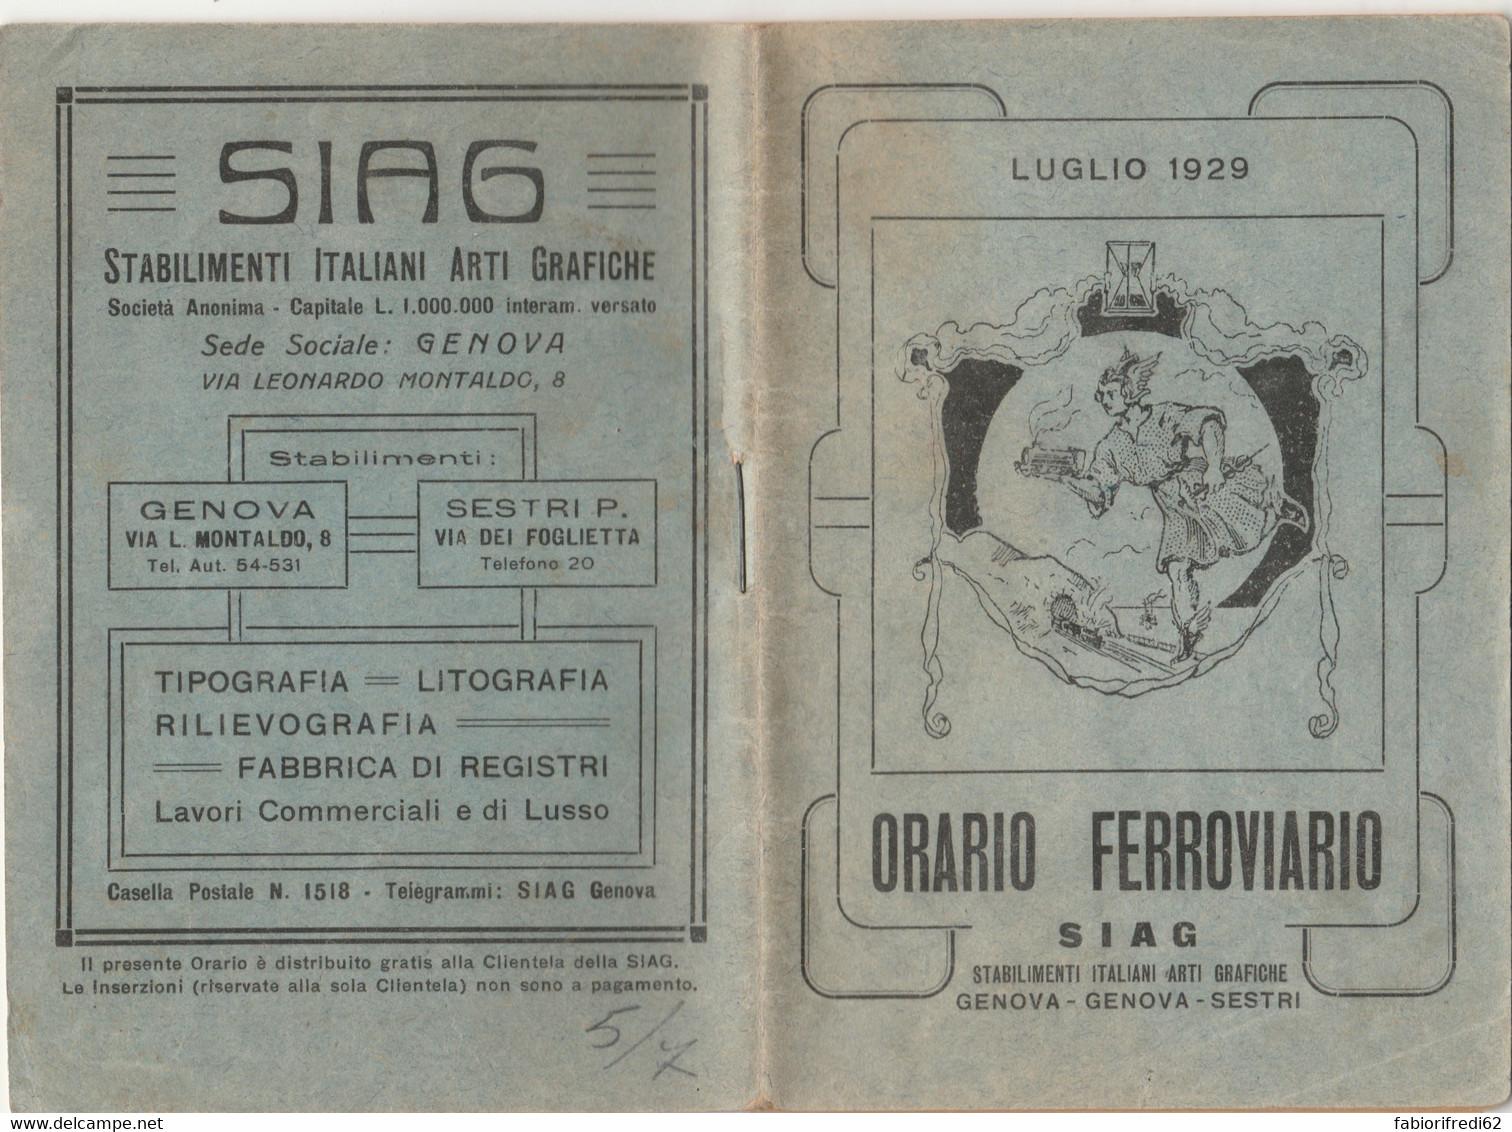 ORARIO FERROVIARIO 1929 SIAG (XF101 - Europe